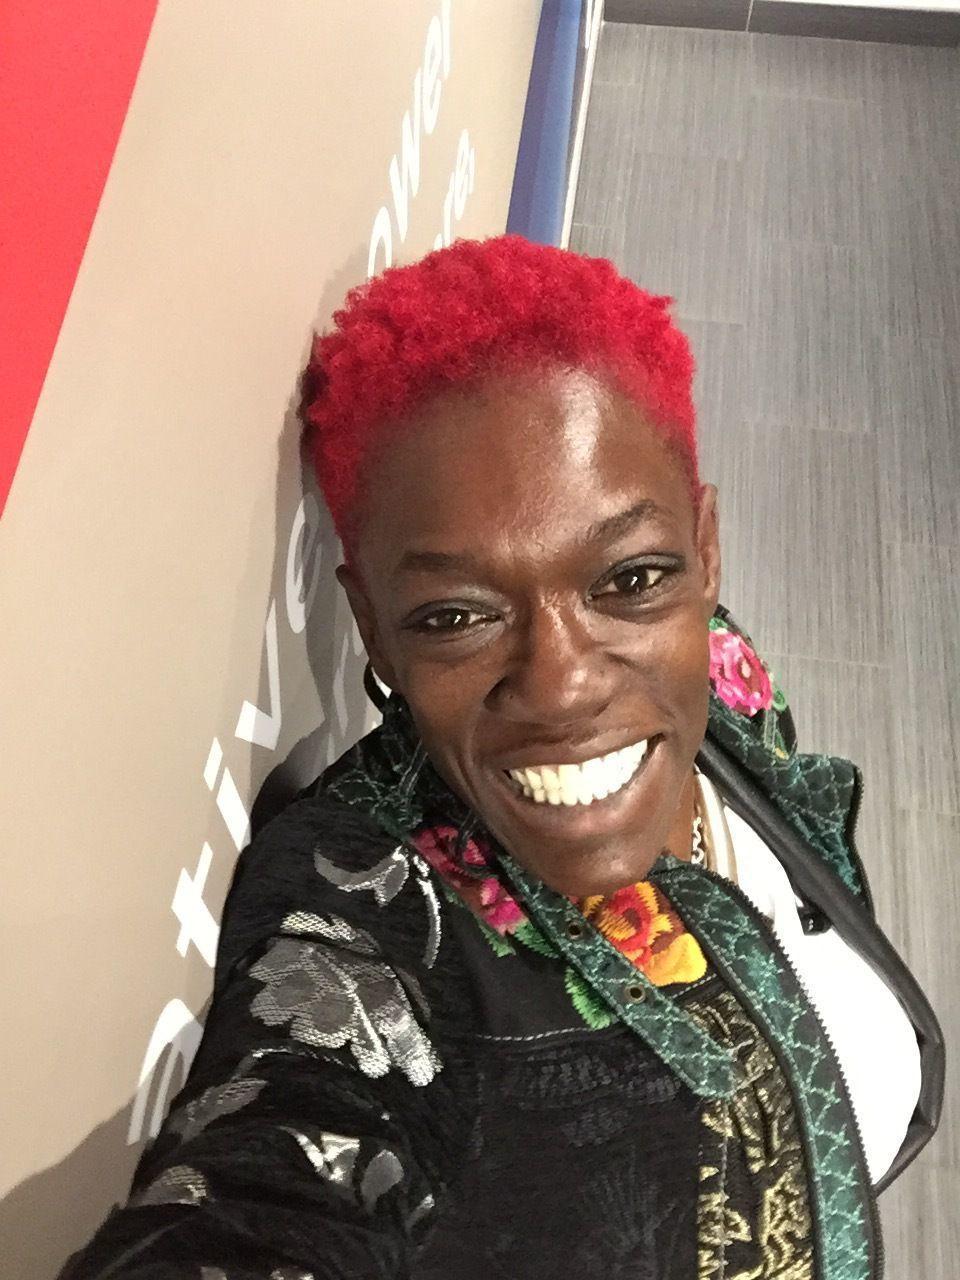 Www.black lesbian.com